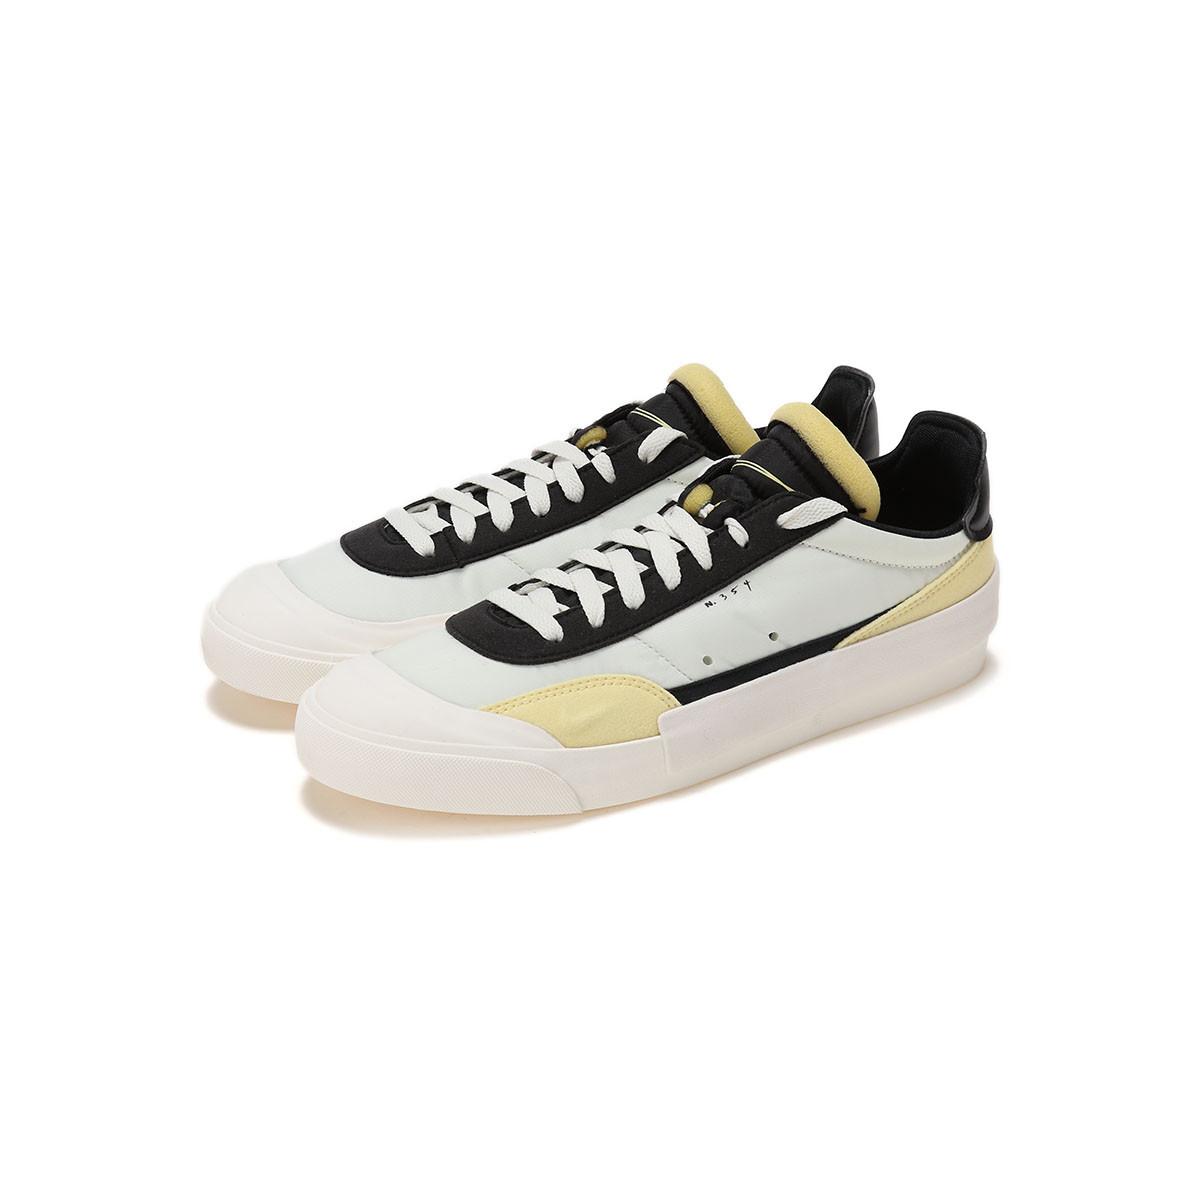 NIKE 耐克 DROP-TYPE AV6697 男款休闲运动鞋